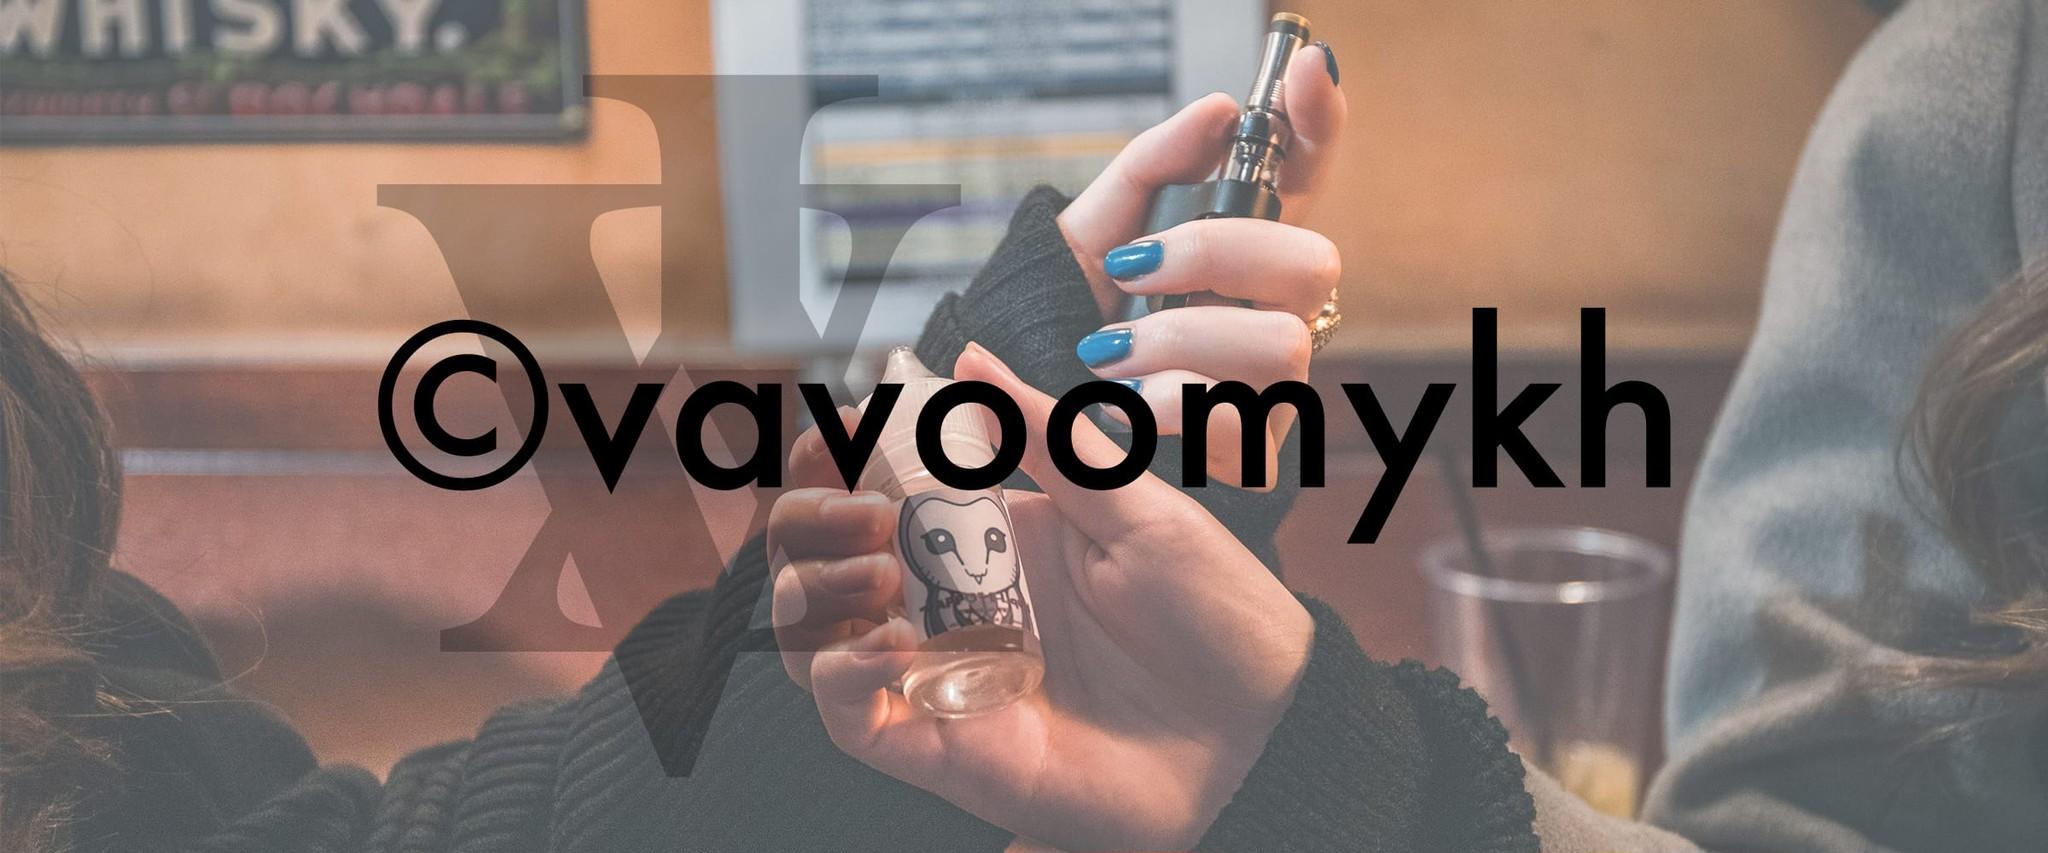 vavoomykh